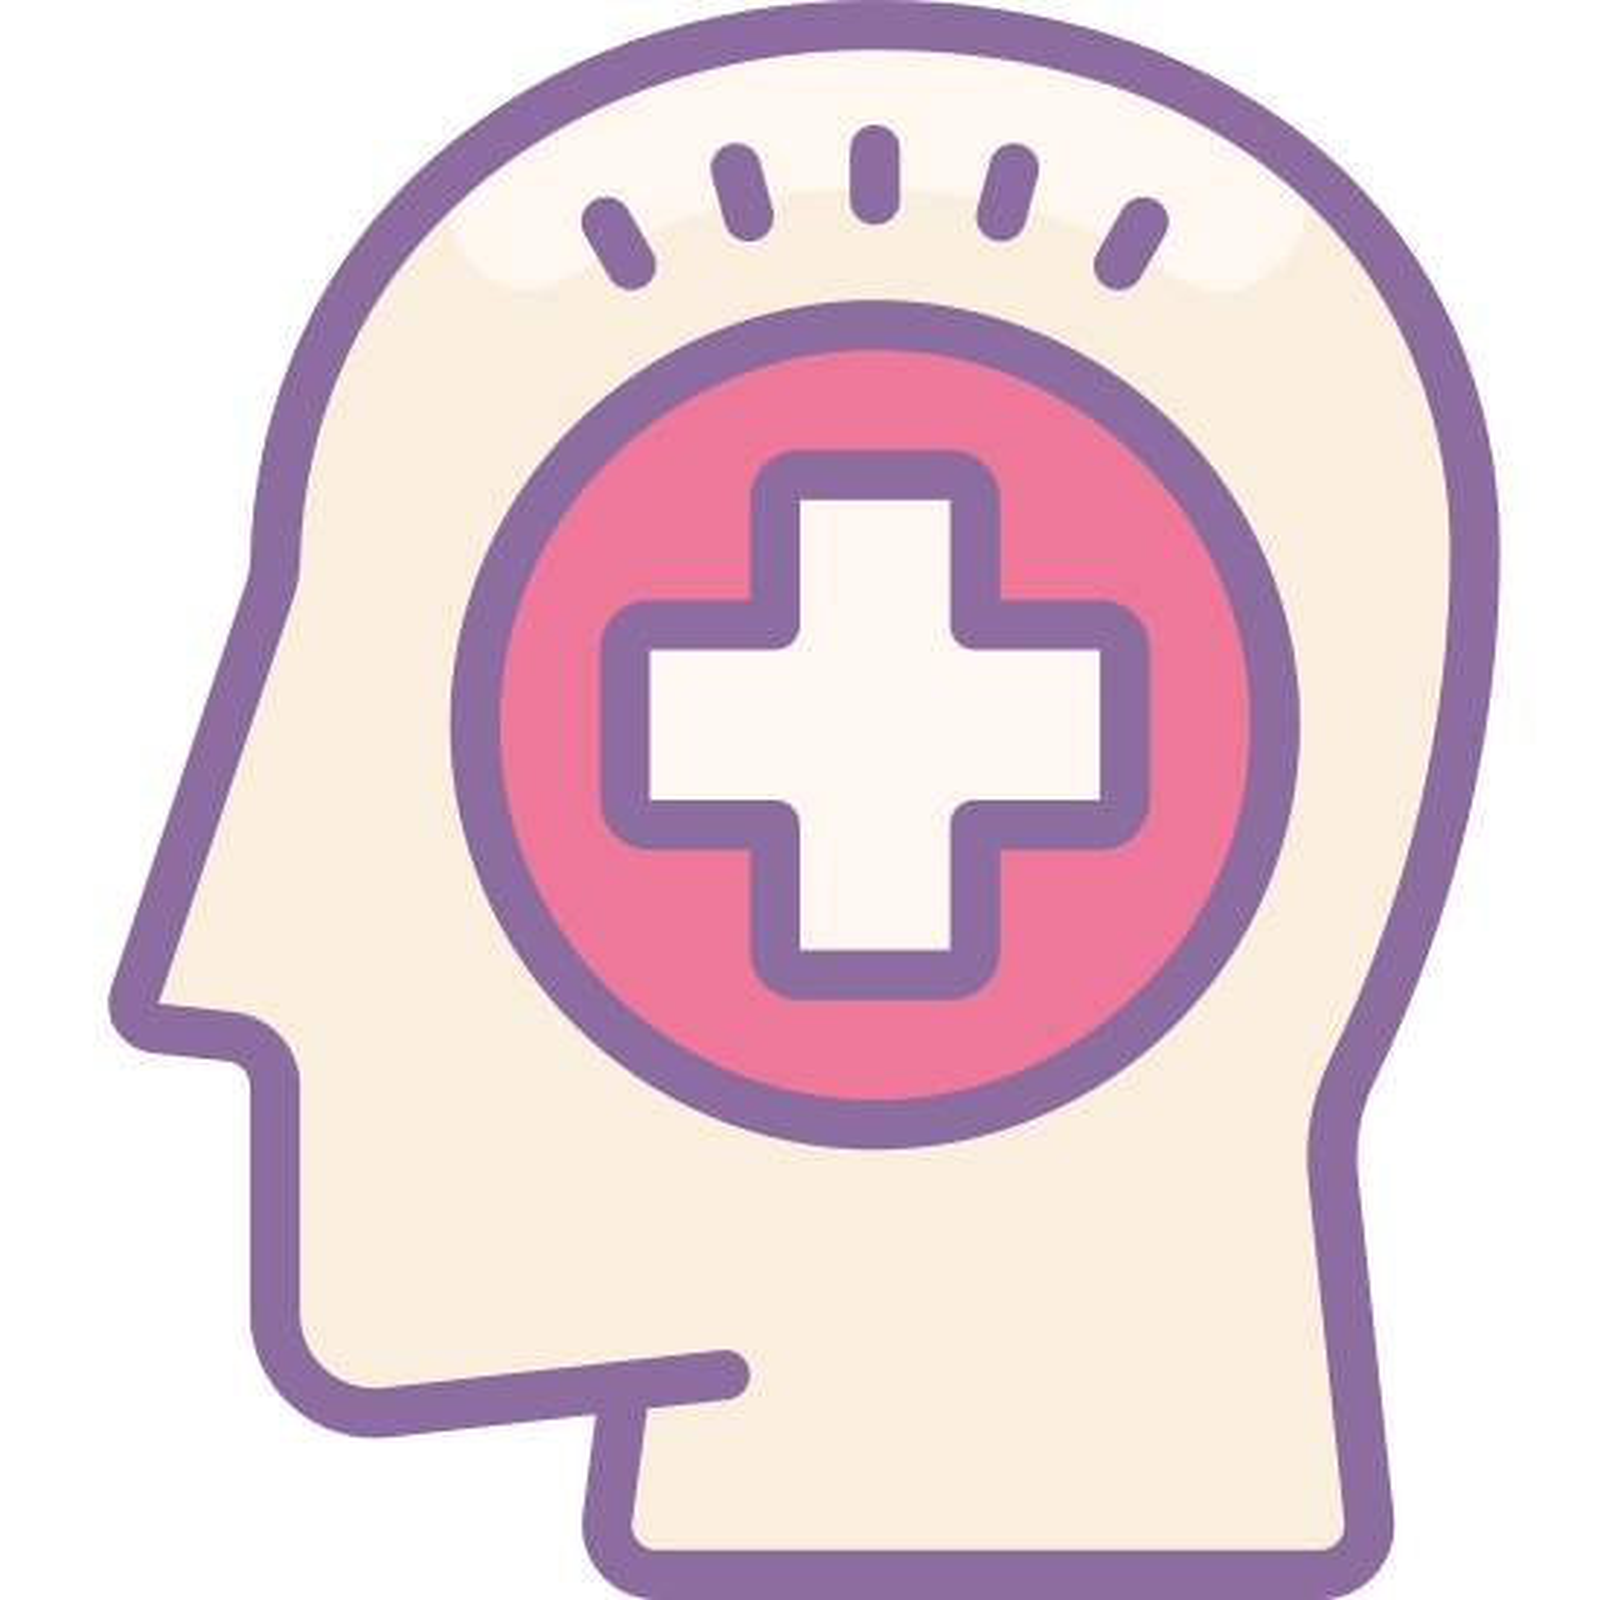 Zdrowie psychiczne icon